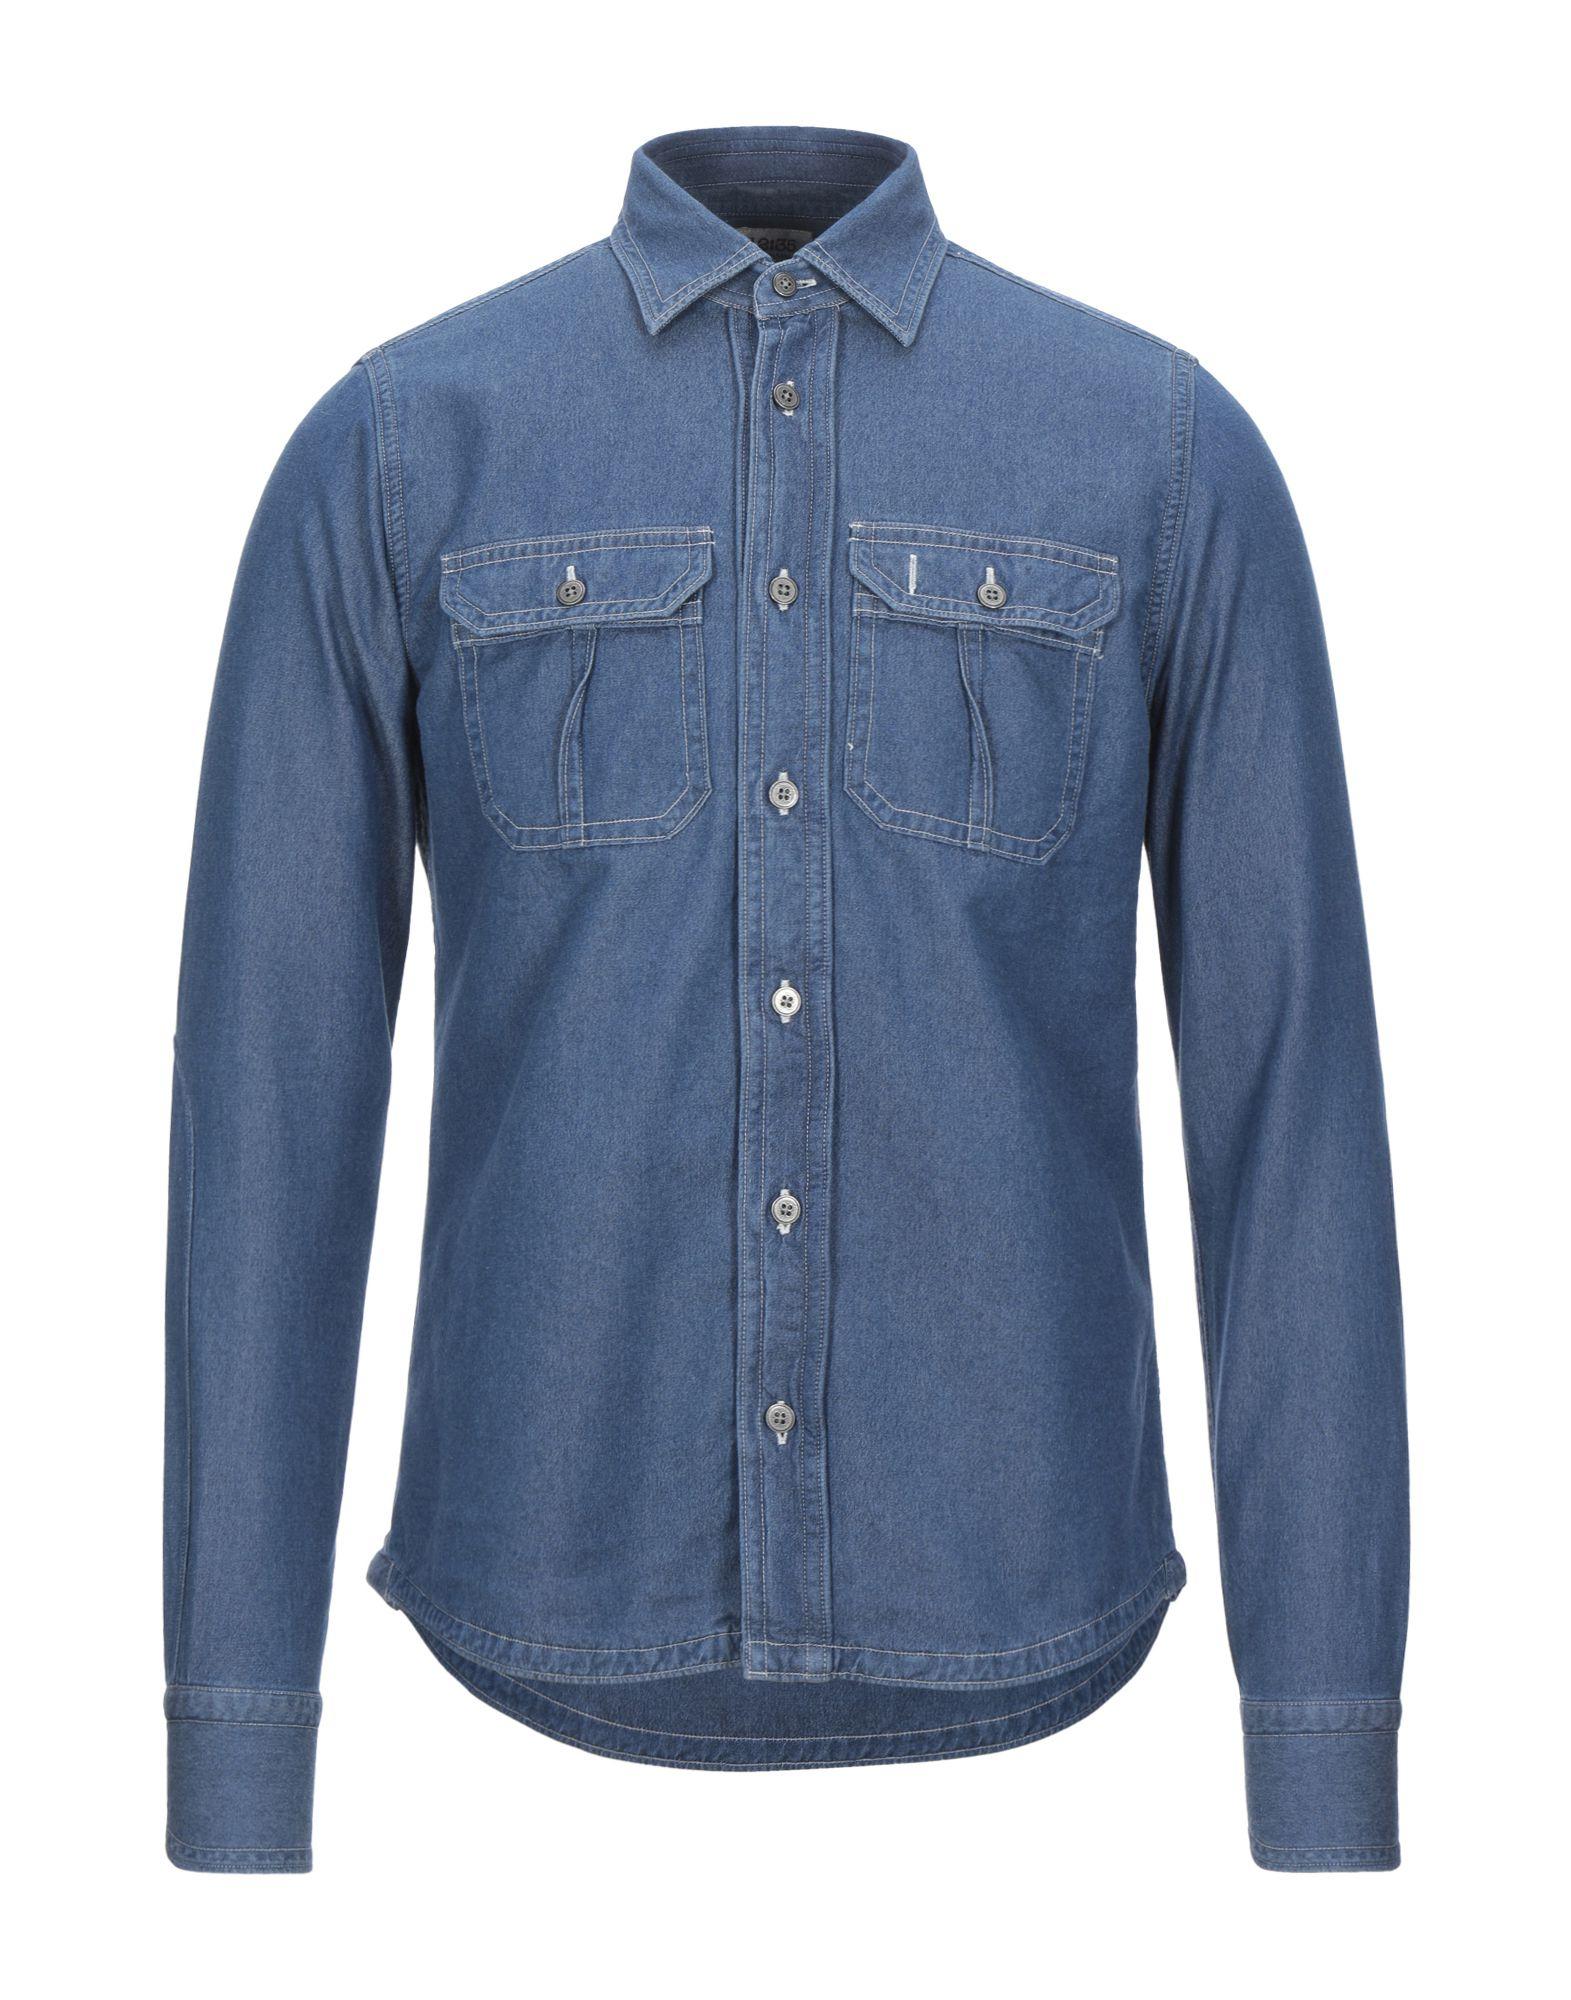 GLANSHIRT Джинсовая рубашка life sux джинсовая рубашка